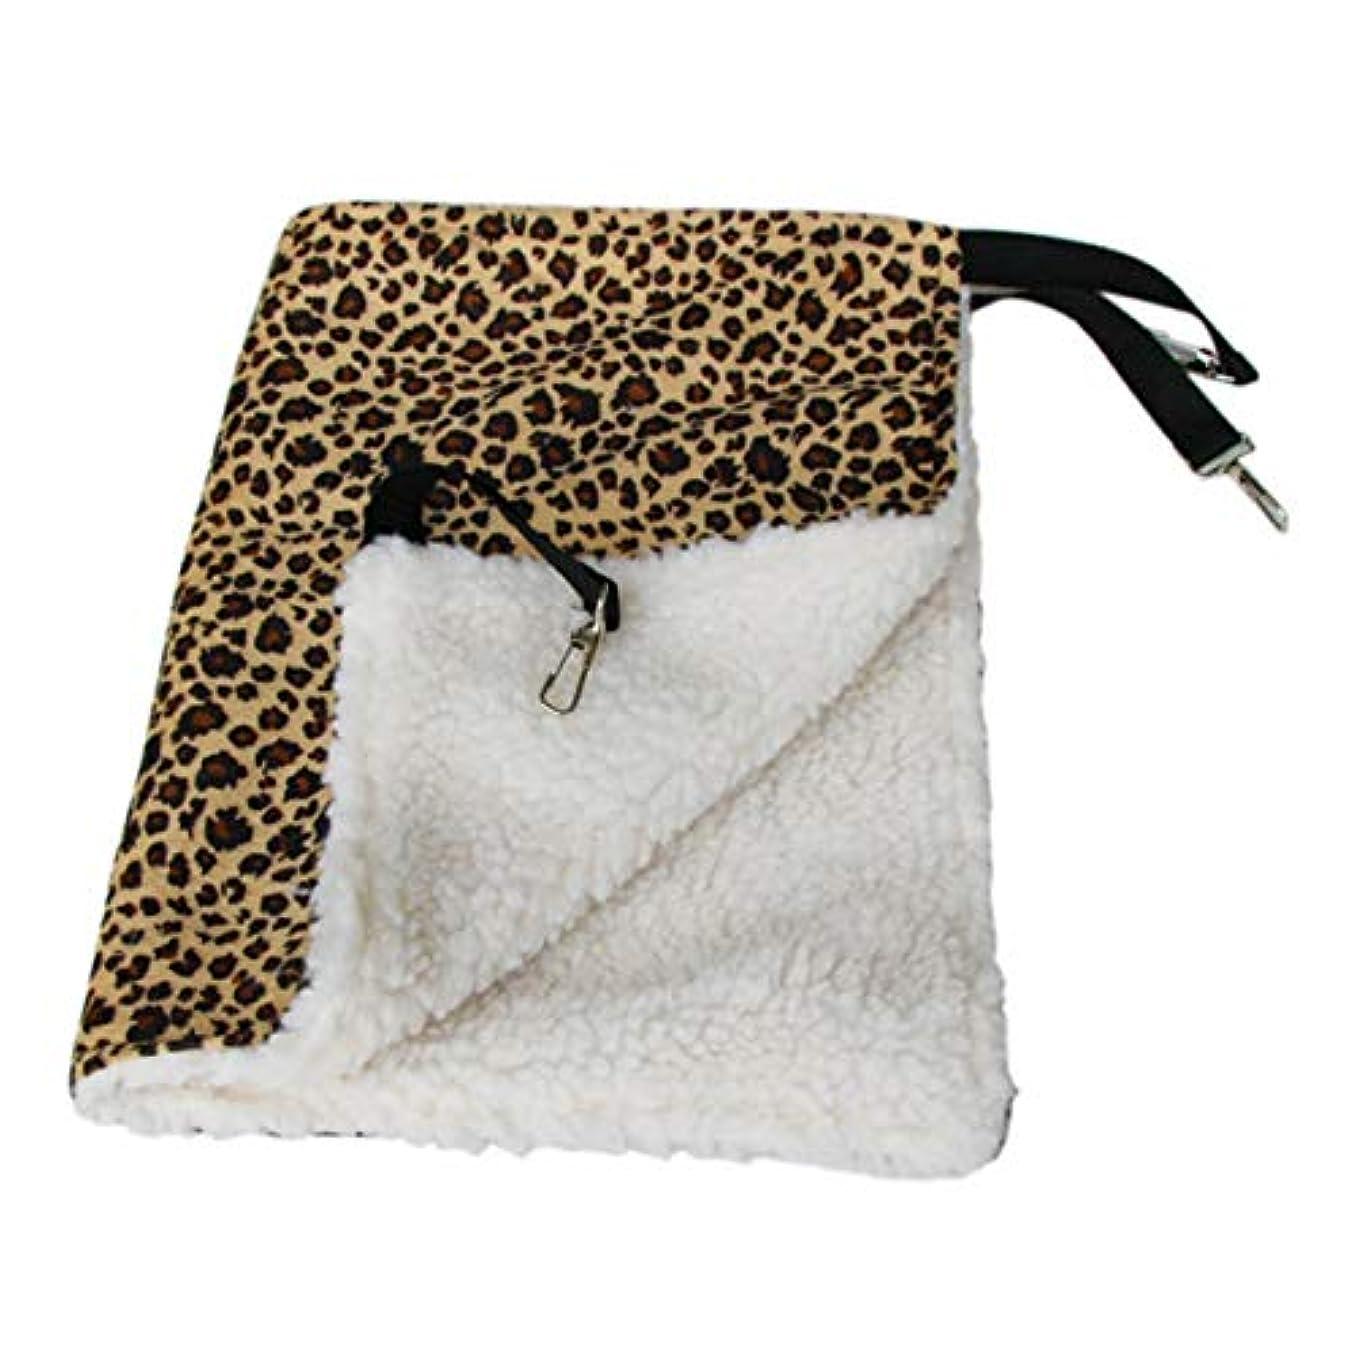 ライセンス提供インペリアルSaikogoods 暖かいハンギング猫ベッドマットソフトキャットハンモック冬ハンモックペット子猫ケージベッドカバークッションエアベッドペット 黄 L